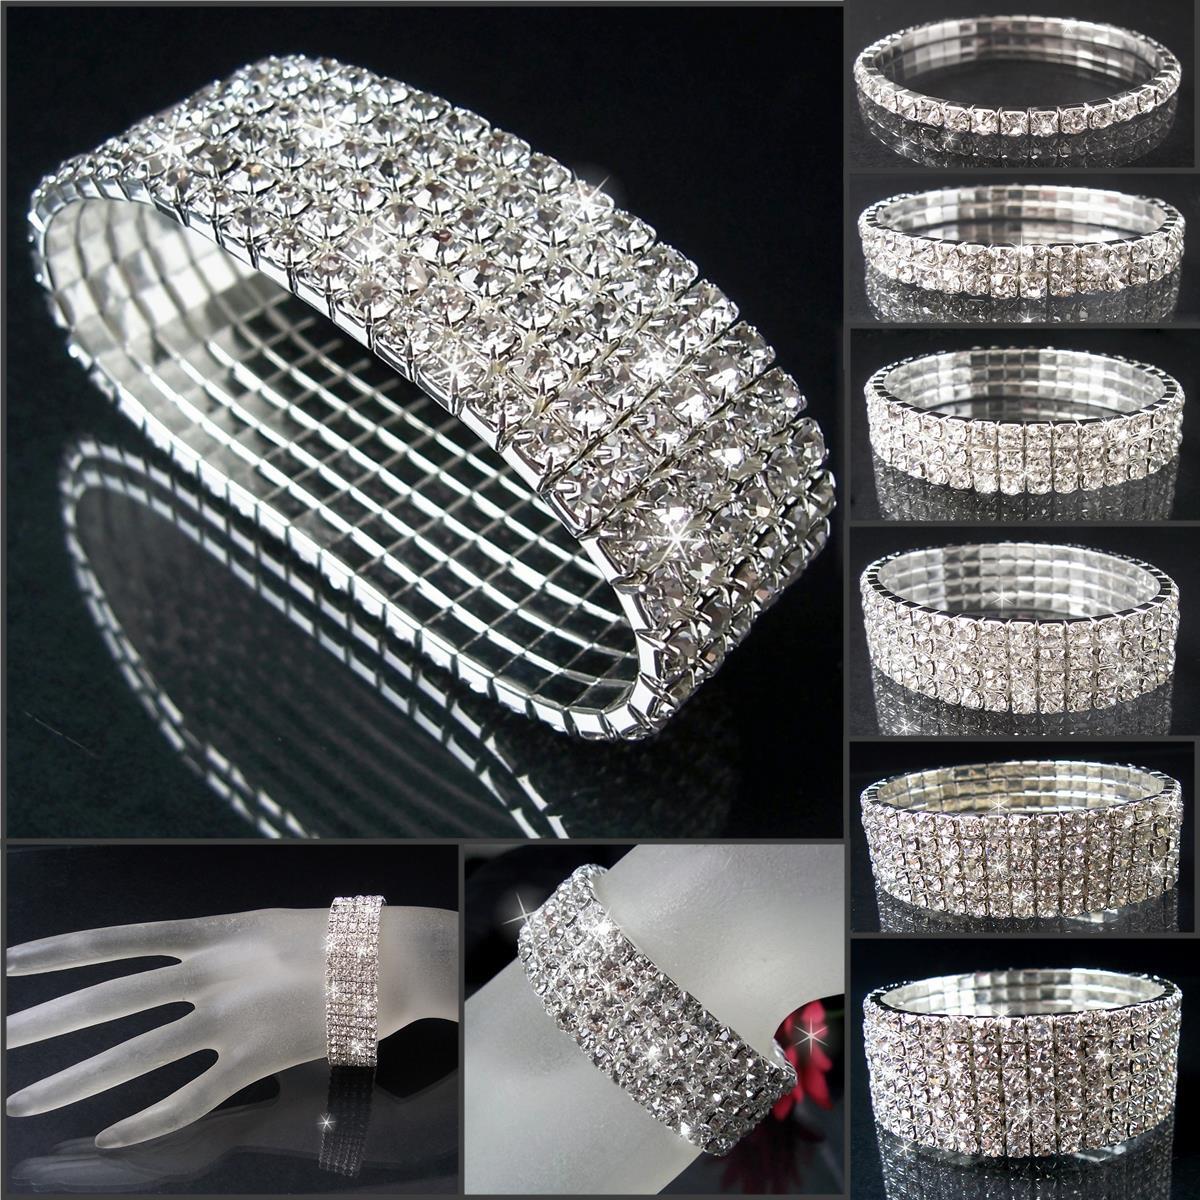 Armband Silber pl. stretch 22mm Strass Braut Schmuck Damen VA34